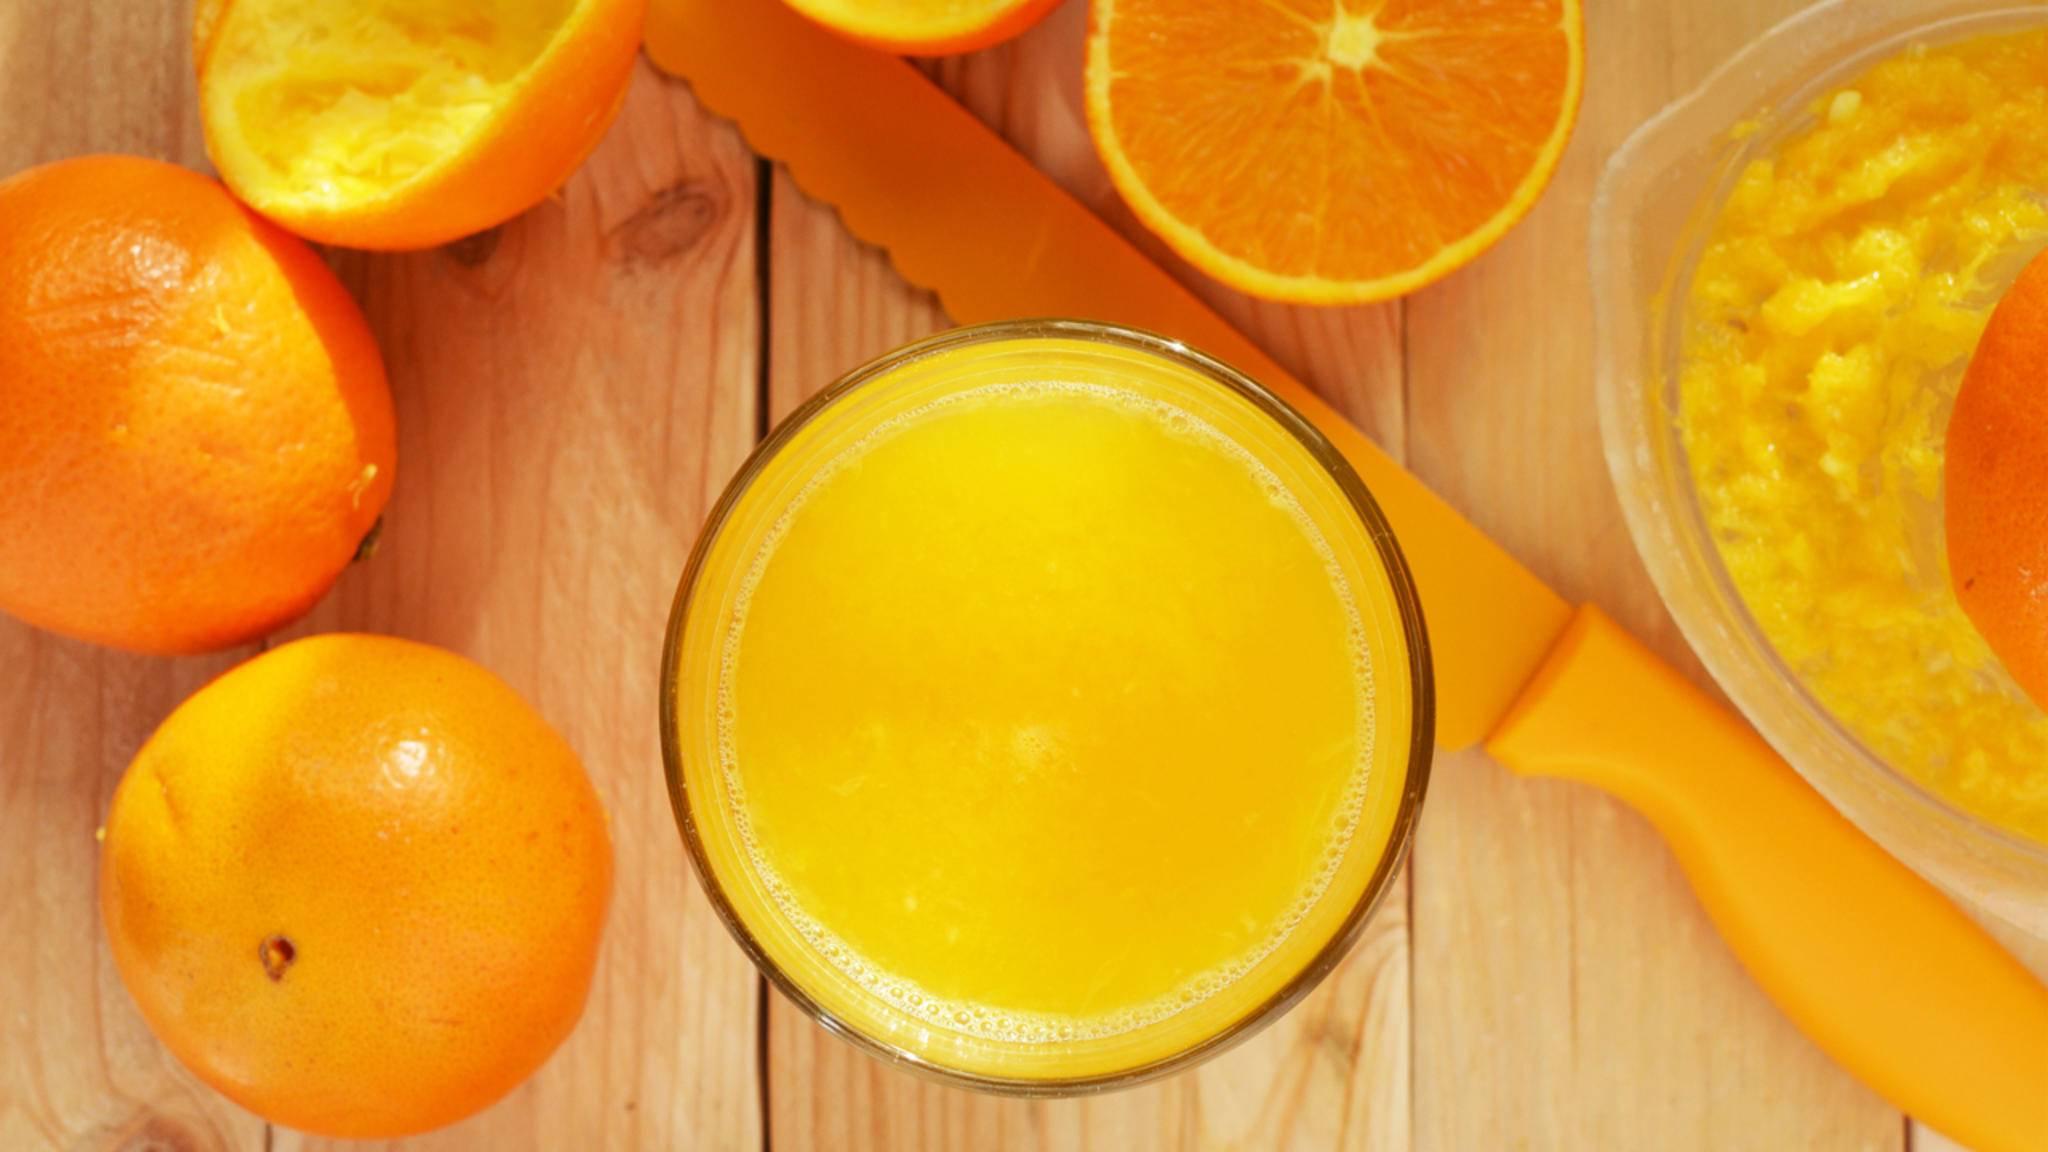 Huch, wie hat sich denn der Orangensaft hier eingeschlichen?